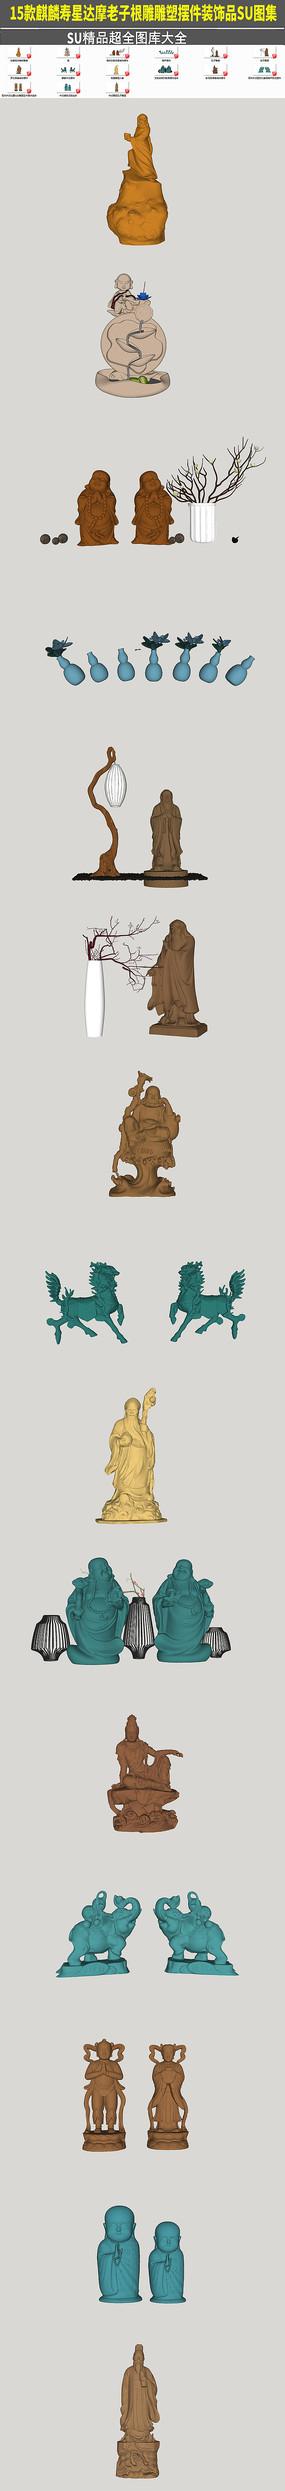 寿星流水达摩老子根雕雕塑装饰品